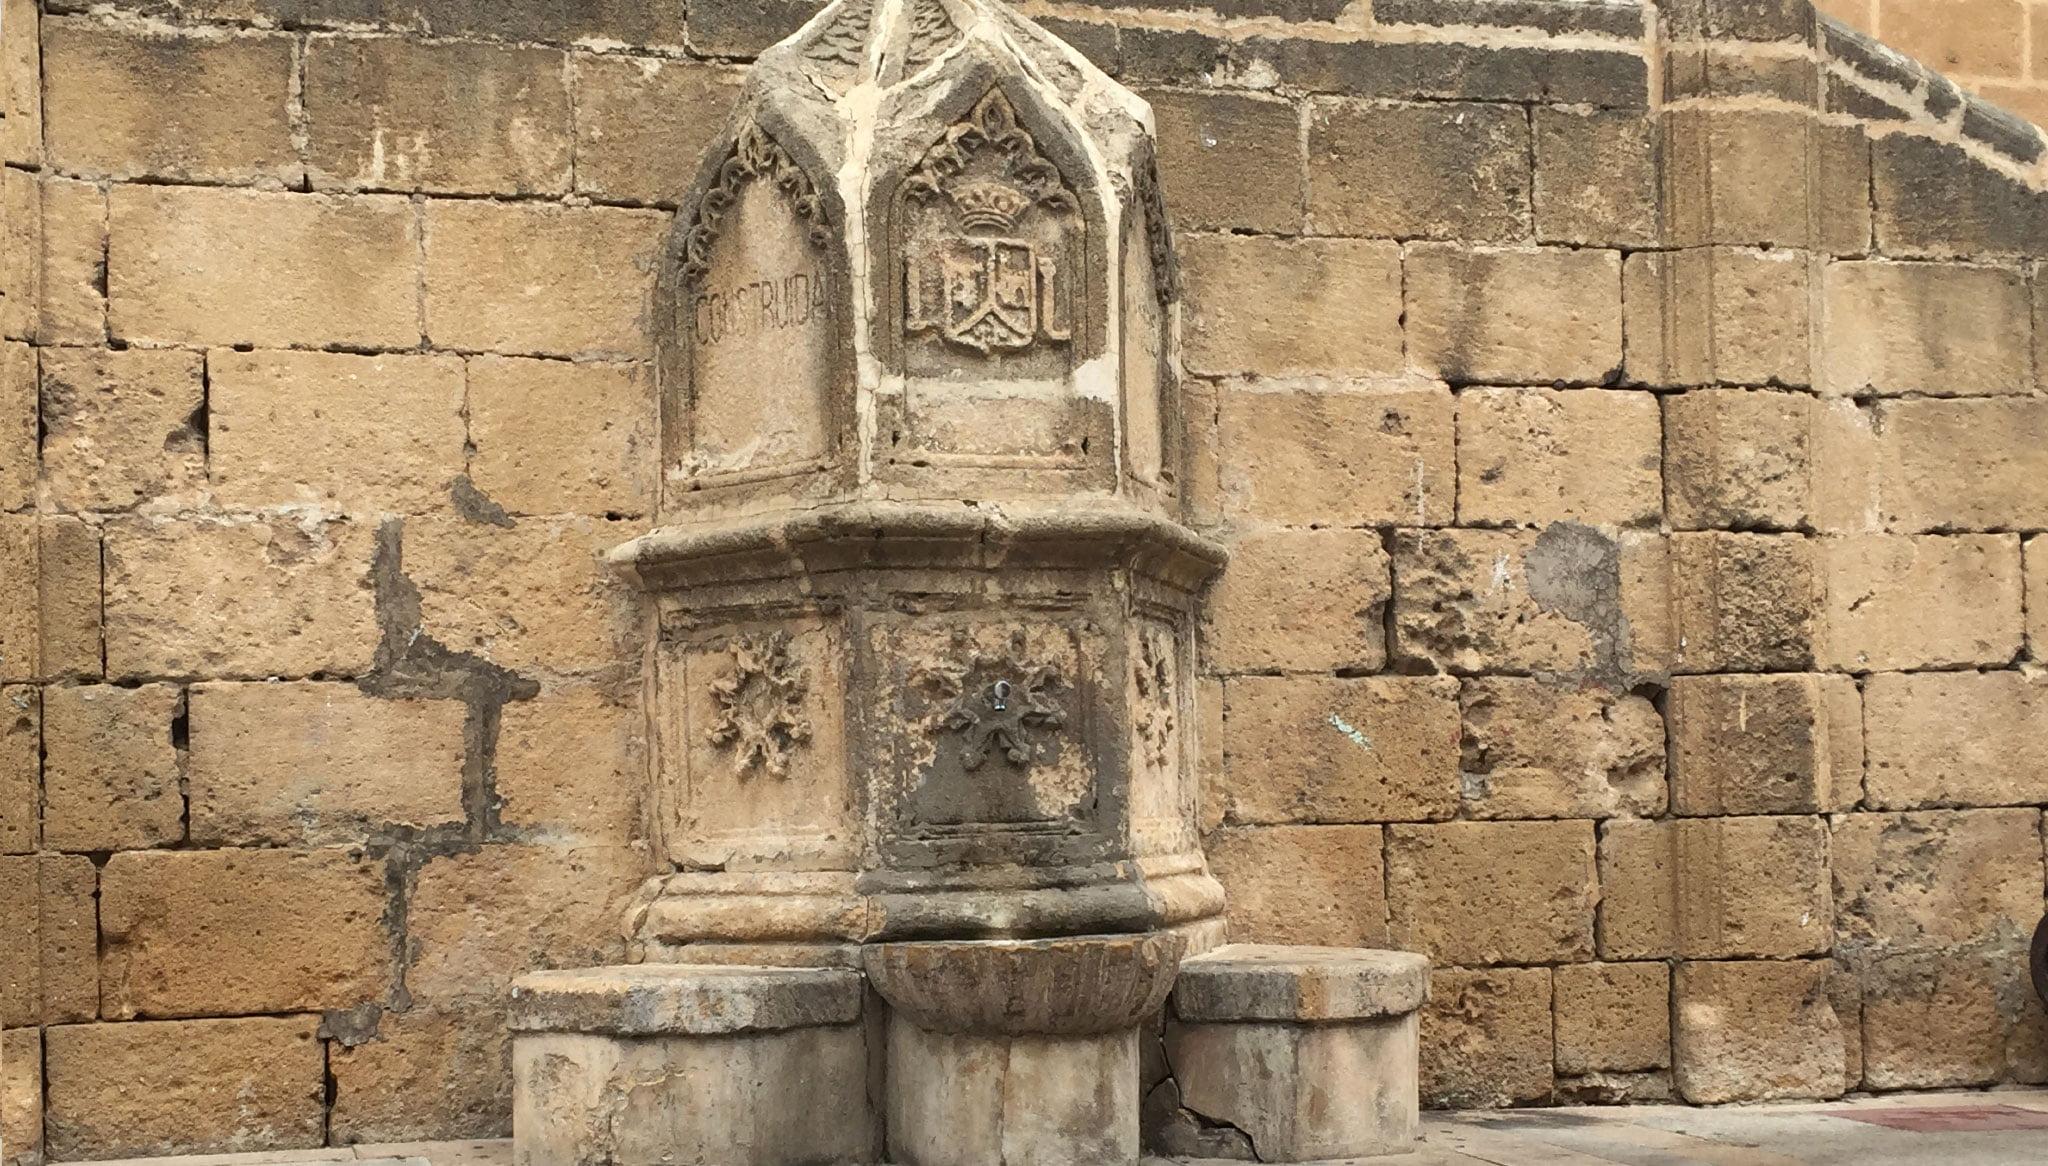 Detalle de la fuente apoyada en la doble escalinata en la Iglesia de San Bartolomé de Jávea